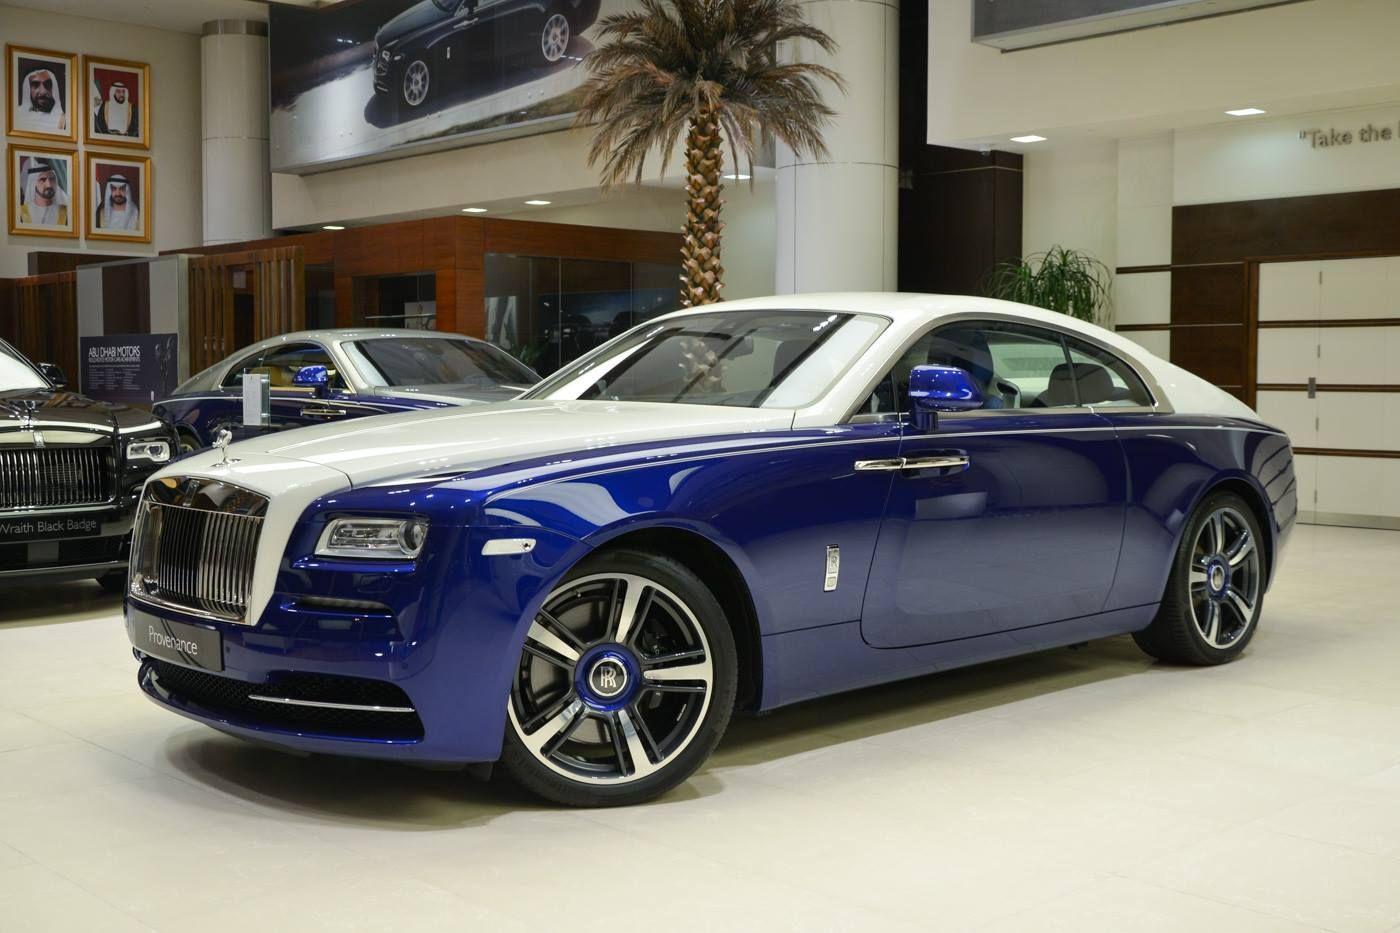 Rolls Royce Wraith Worth